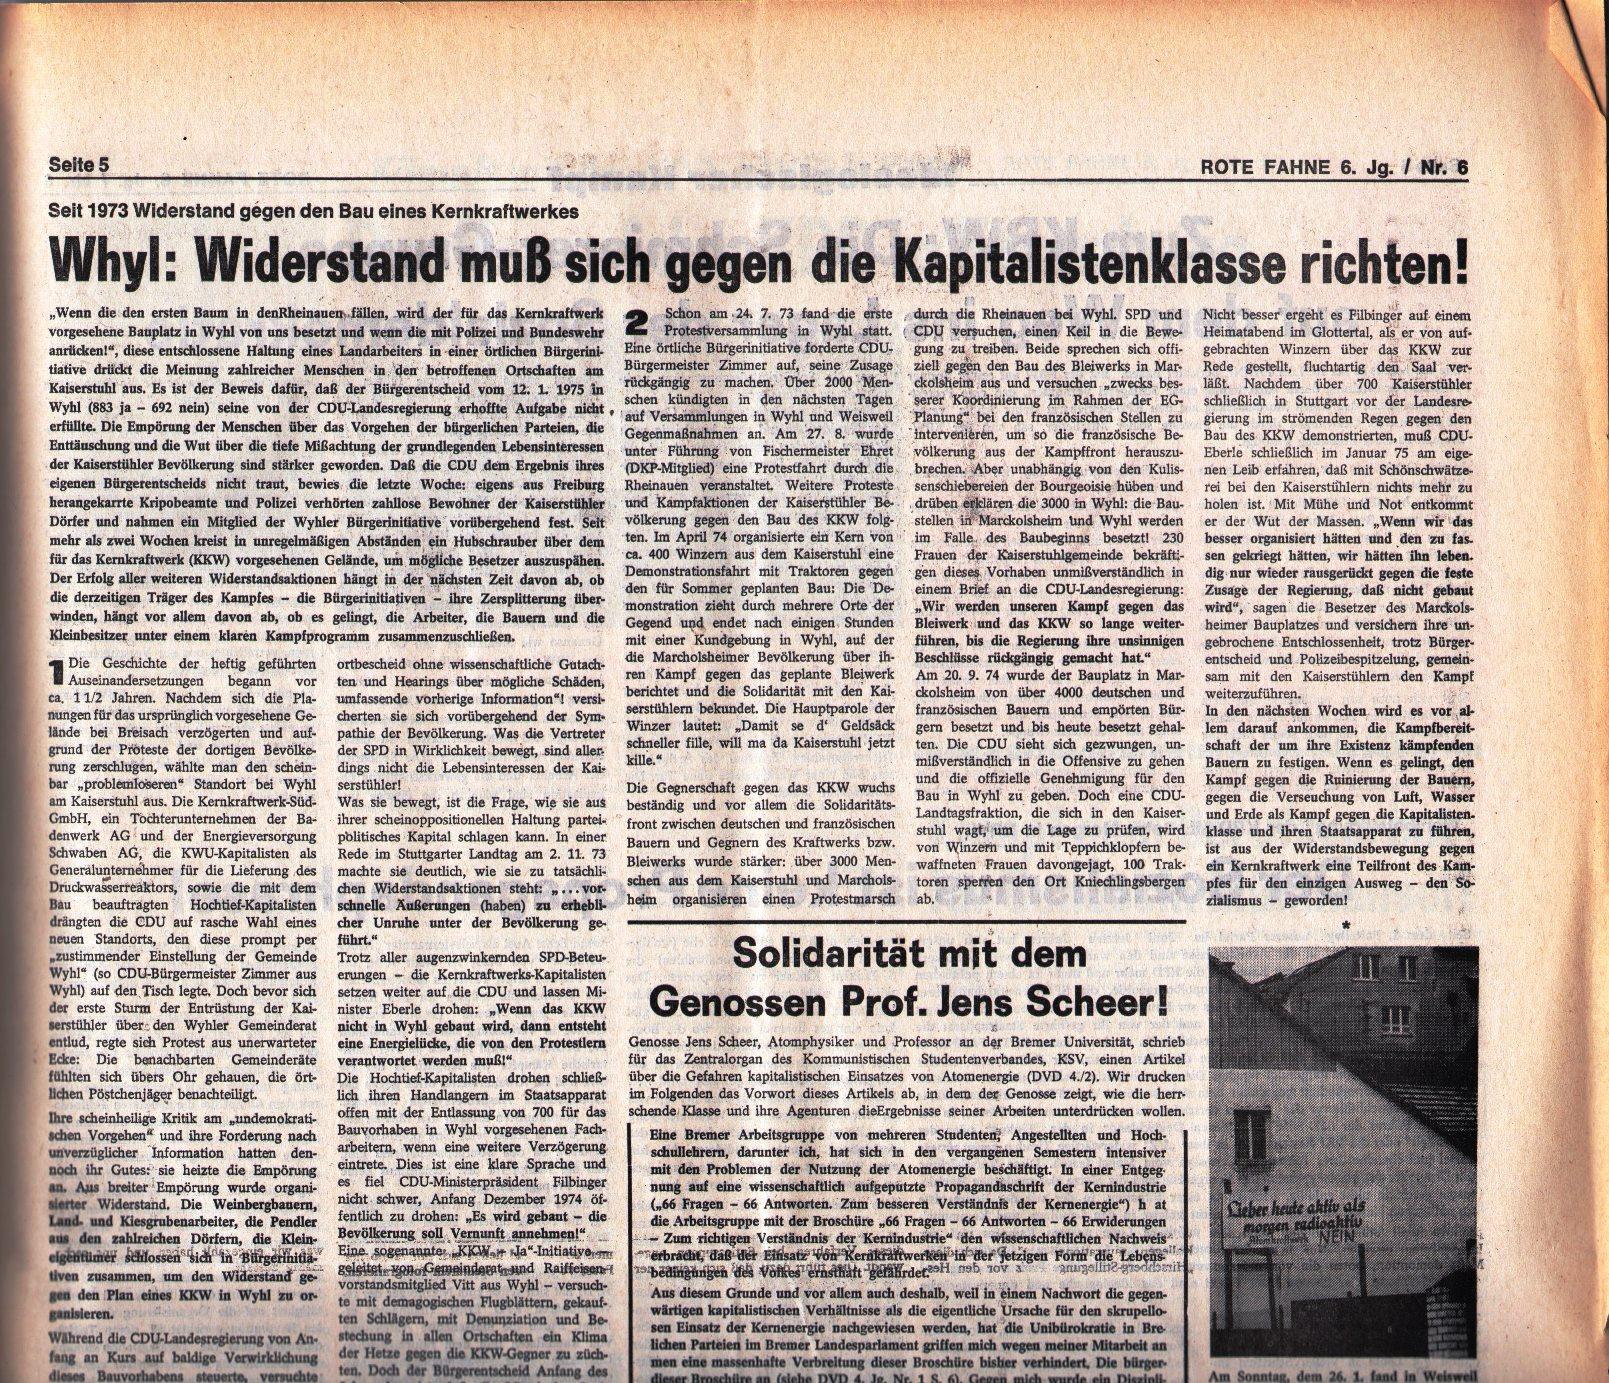 KPD_Rote_Fahne_1975_06_09